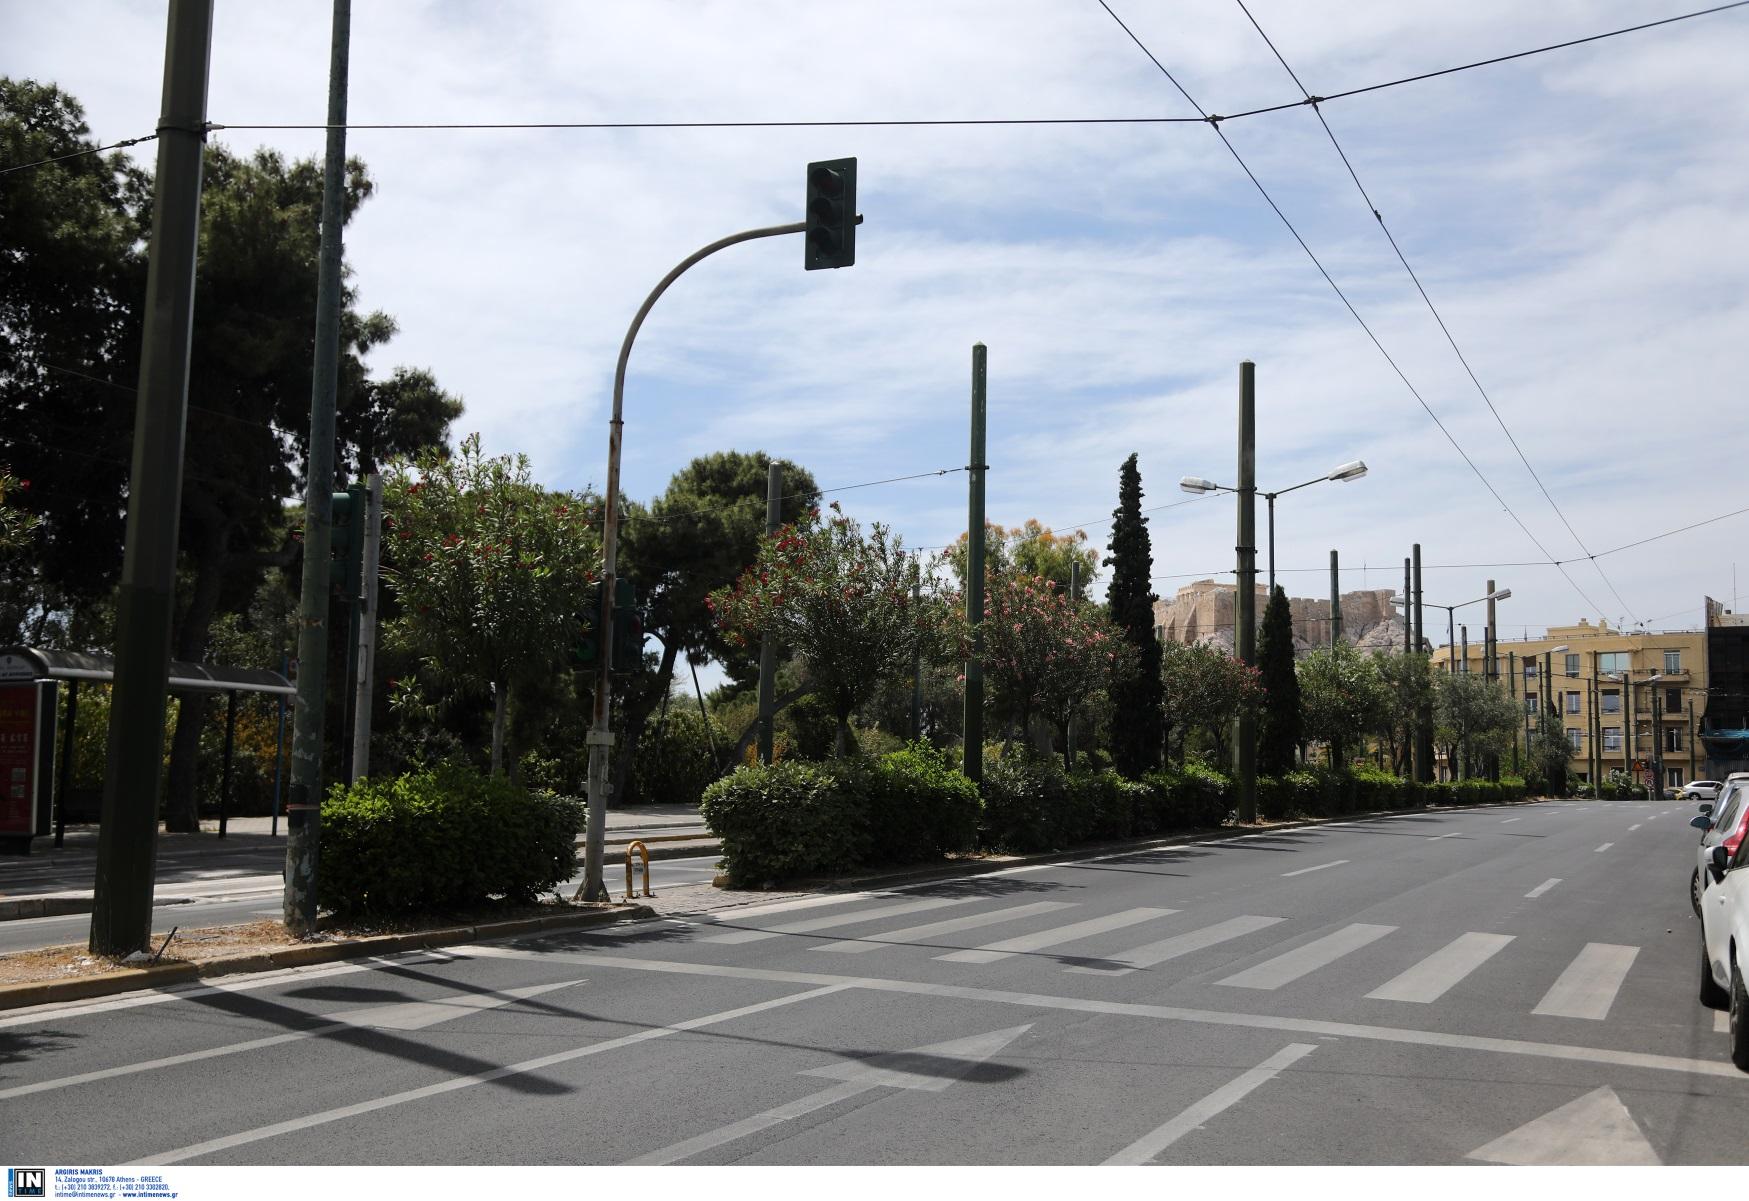 Κυκλοφοριακές ρυθμίσεις στο κέντρο της Αθήνας – Τι αλλάζει στα δρομολόγια του Τραμ